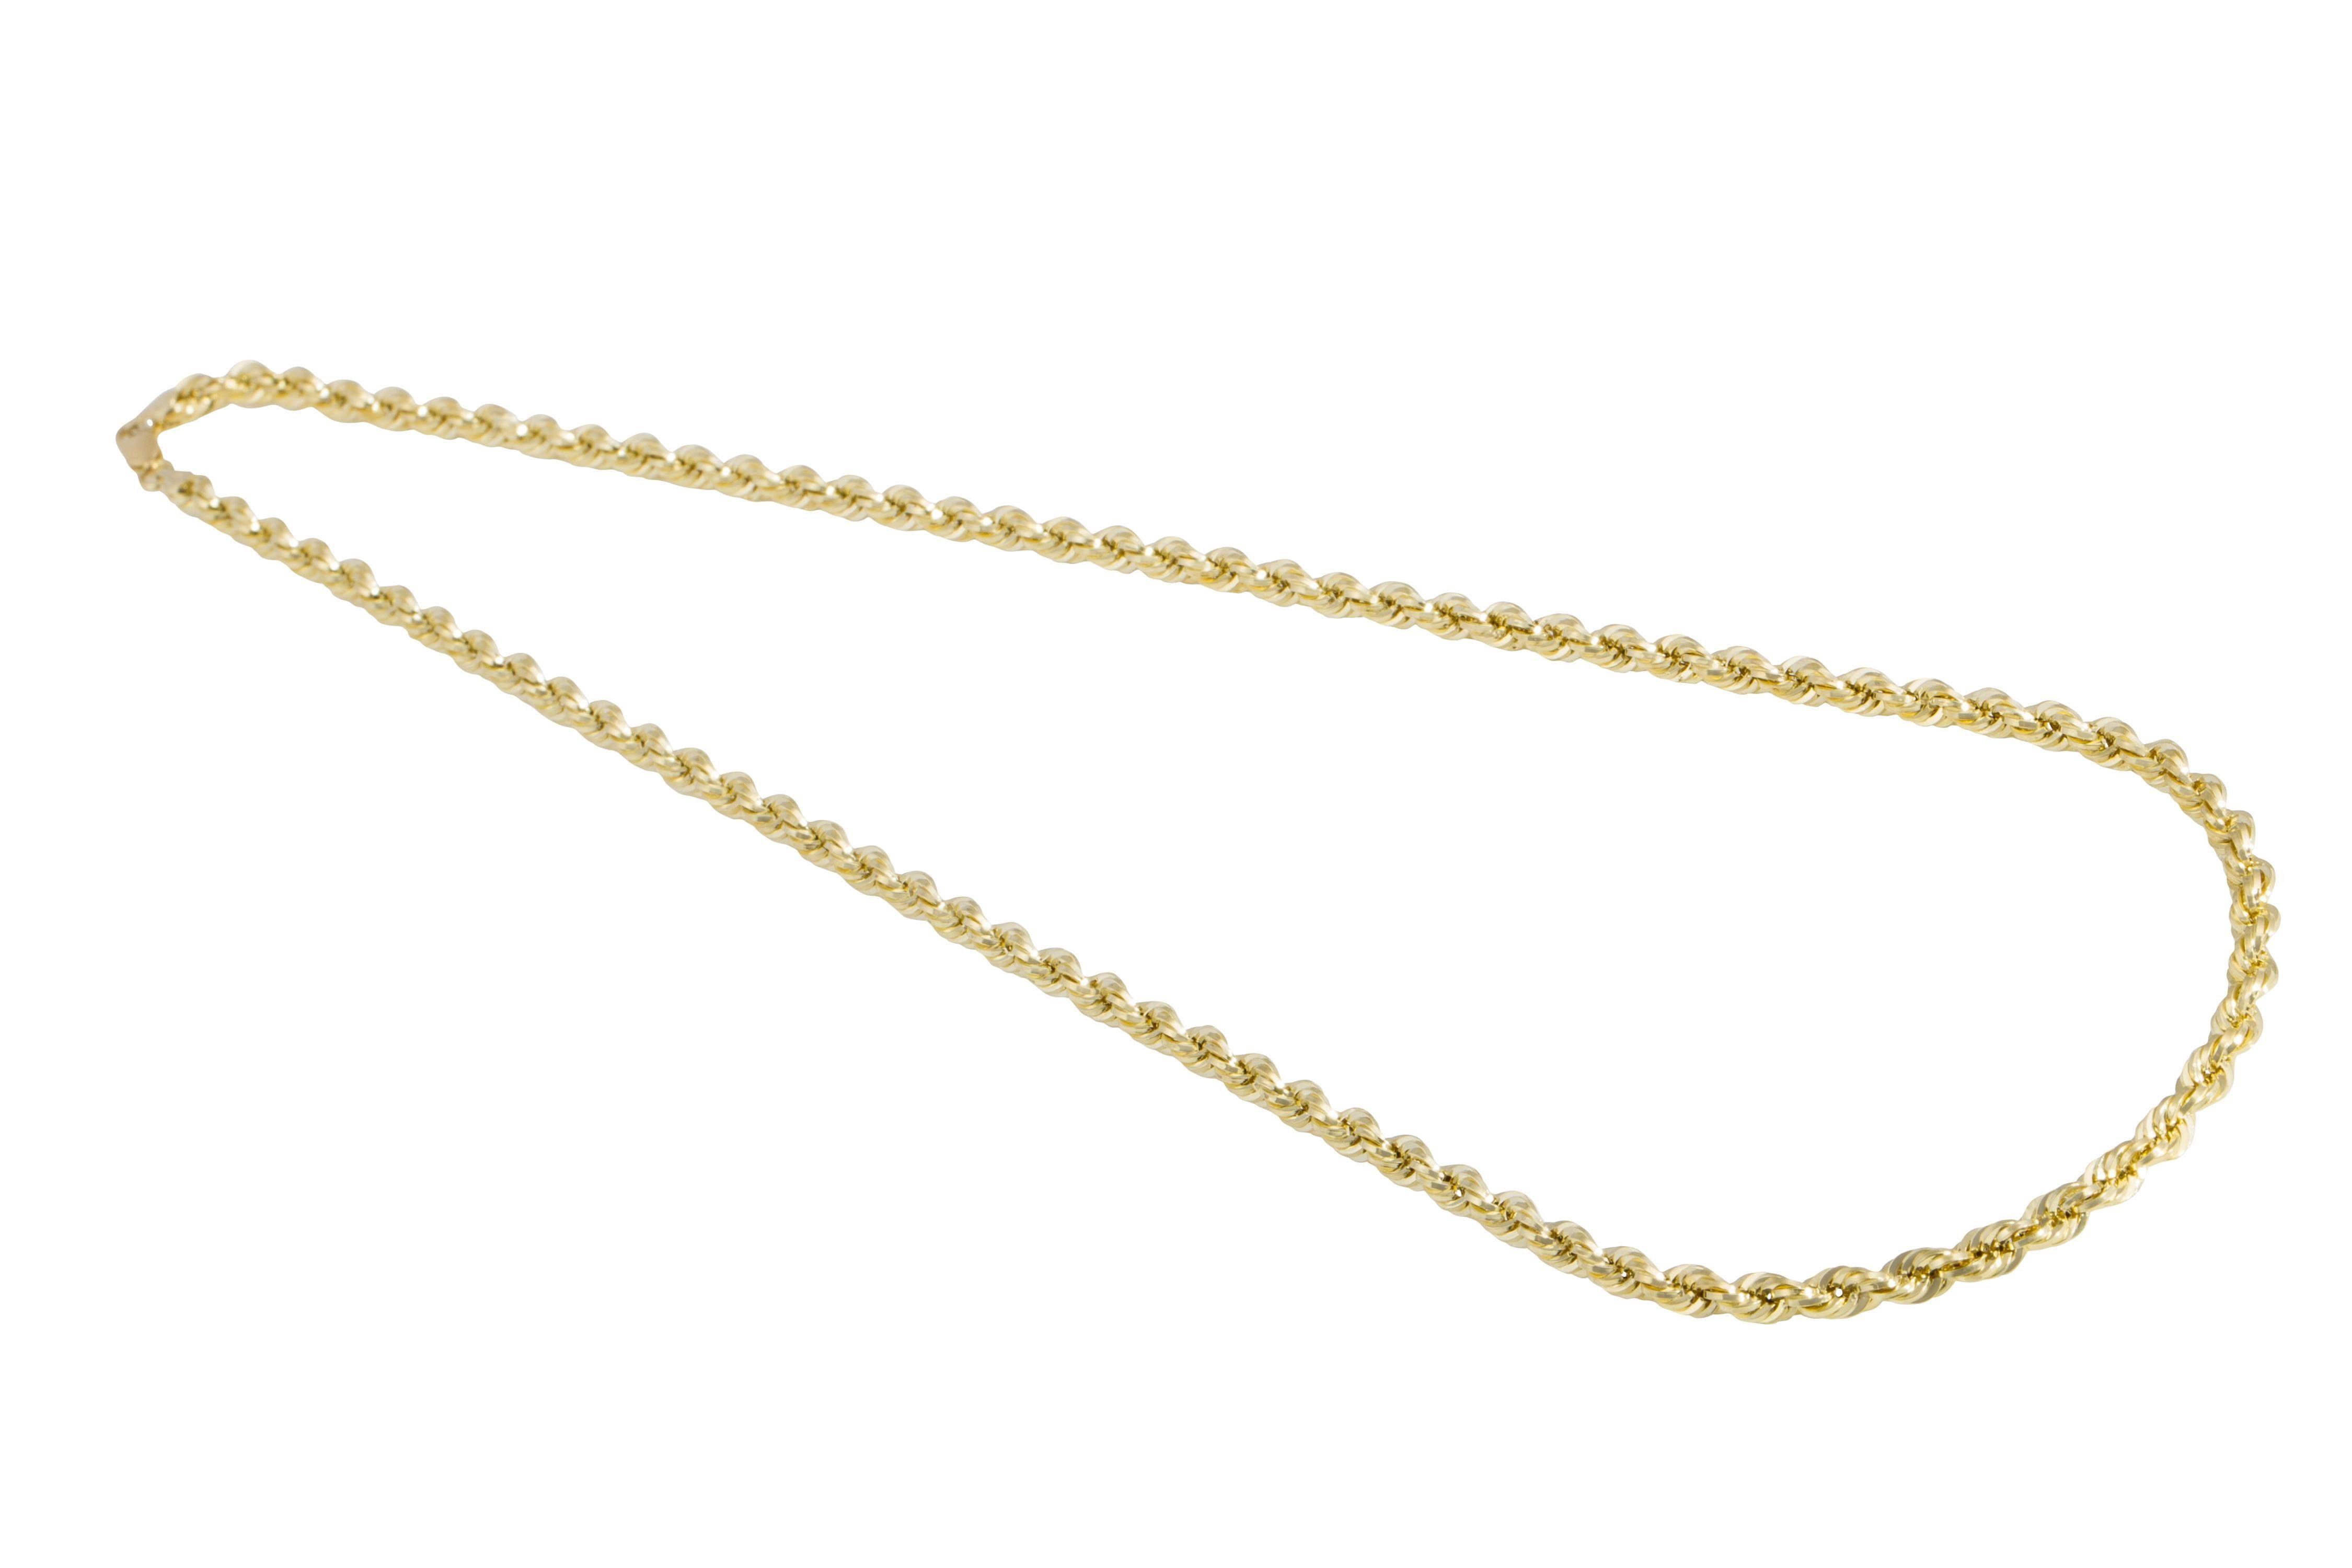 Firetti Goldkette »im Kordelstil«